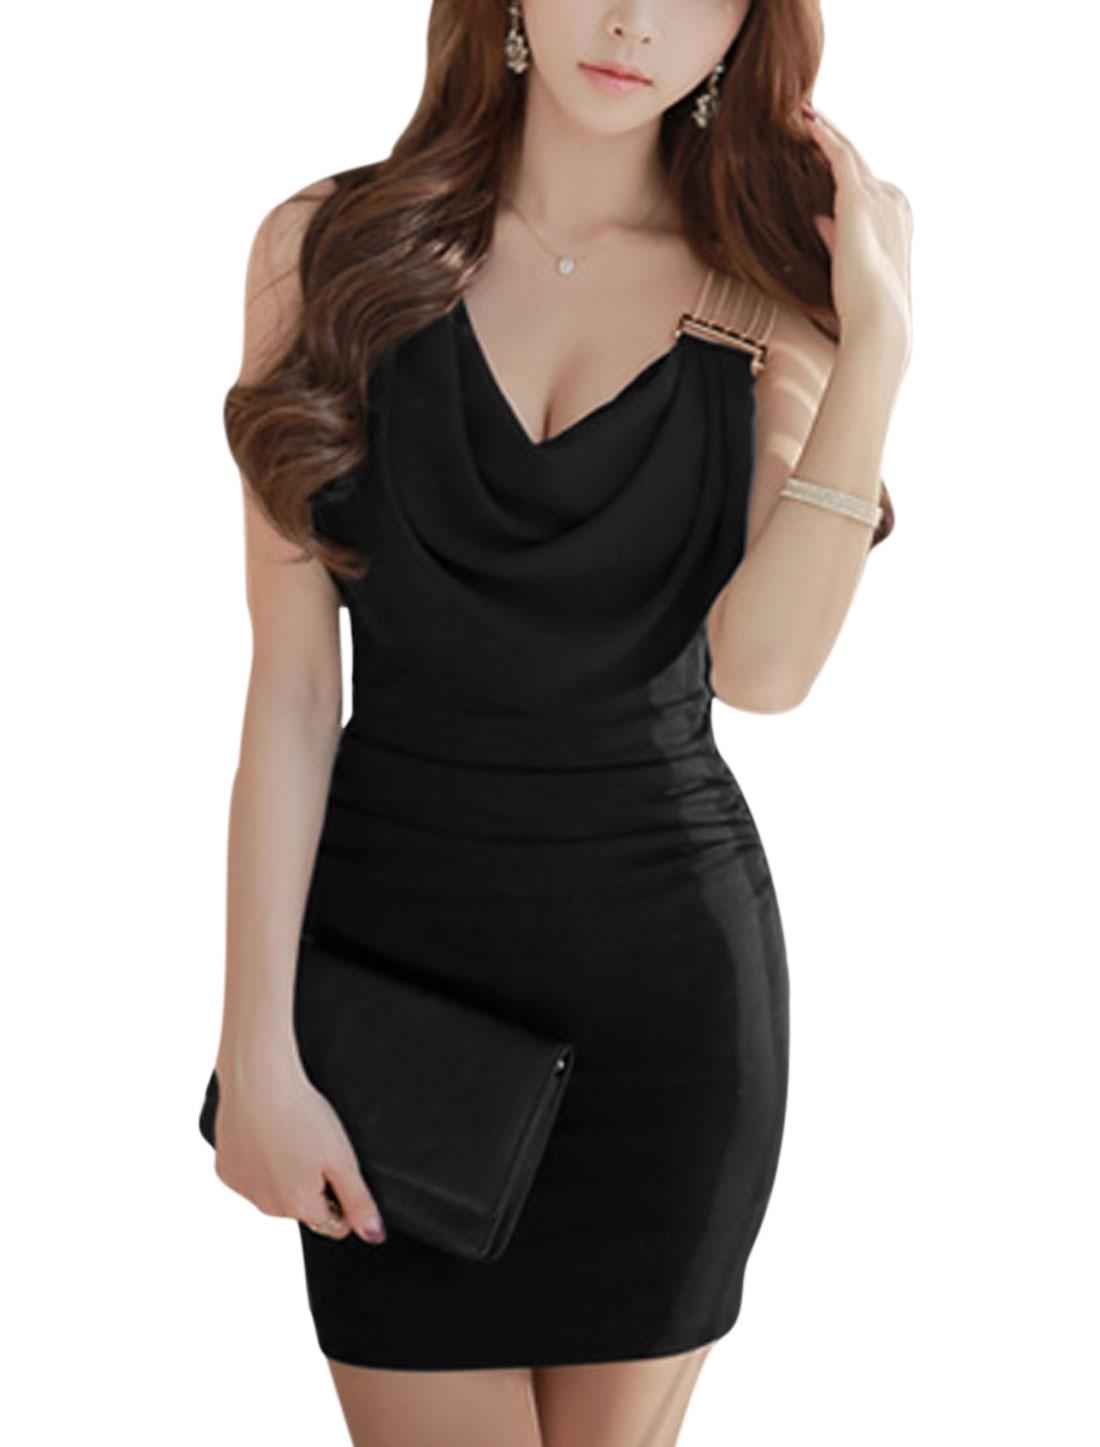 Women Cowl Neck Shirred Sides Sleeveless Chiffon Panel Sheath Dress Black S